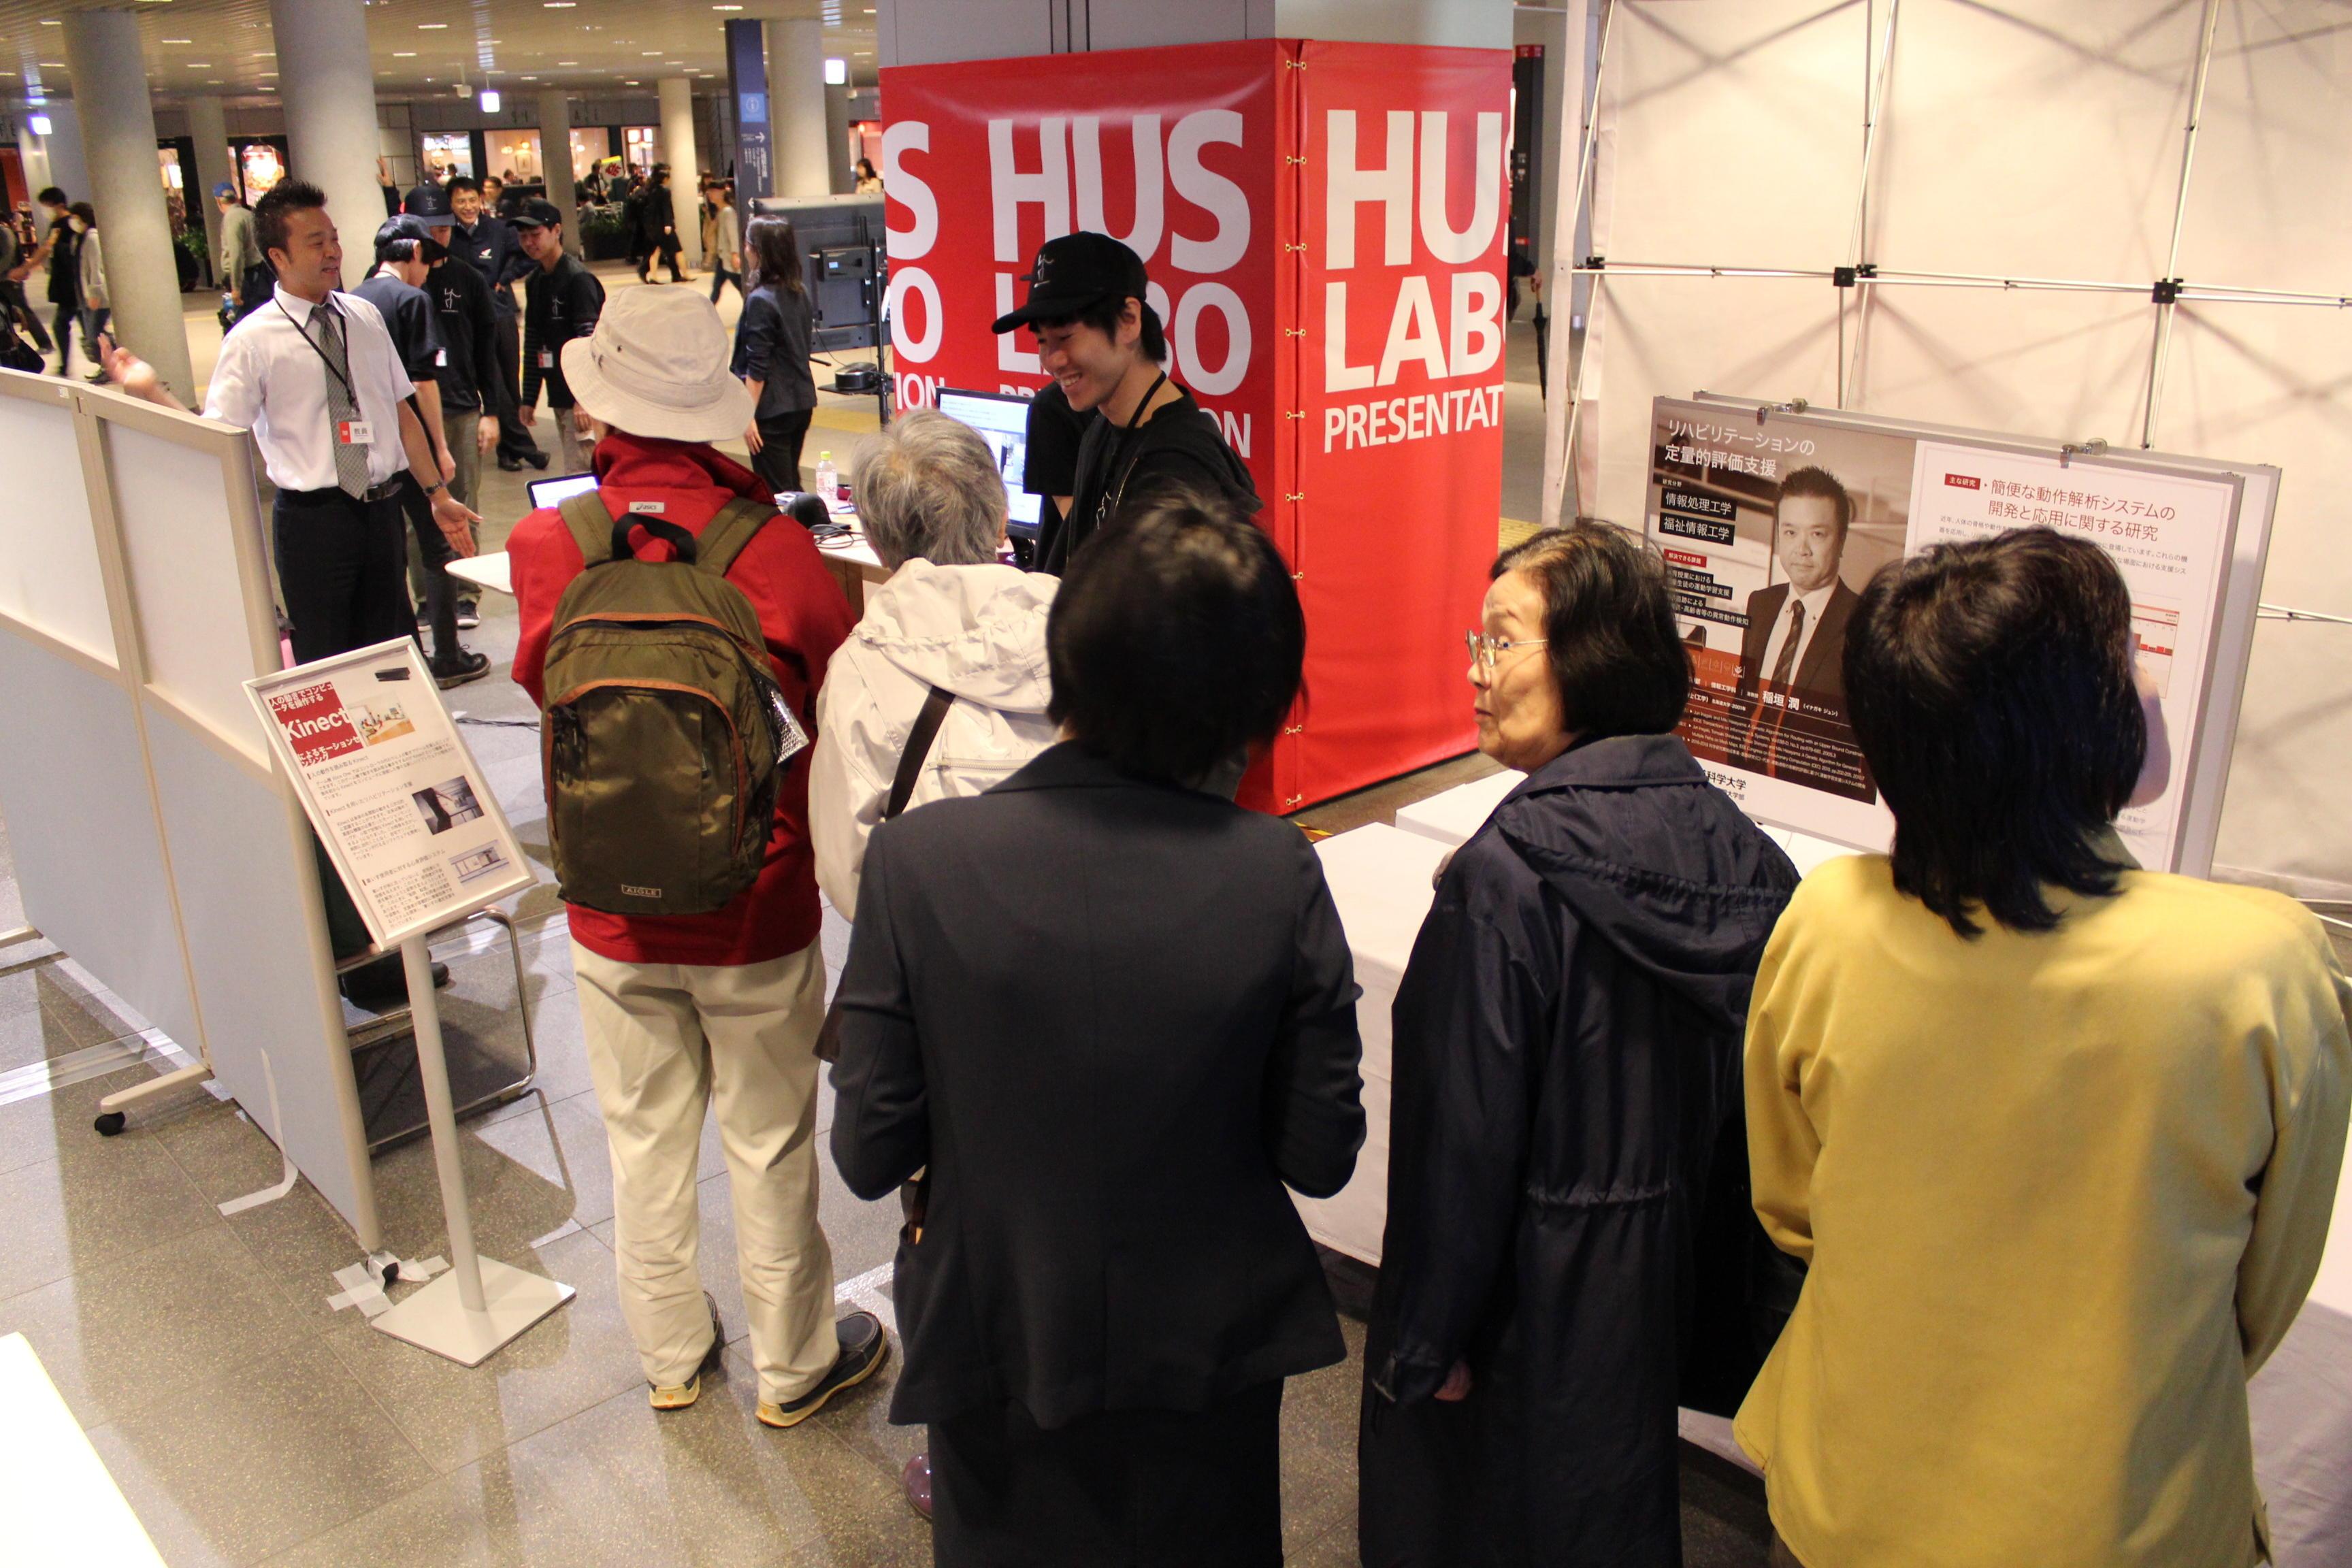 北海道科学大学が、札幌駅前通地下歩行空間(チ・カ・ホ)に登場。教員と学生による、研究シーズ体感イベント「HUSLABO」(テーマ「認知機能」)を開催します!